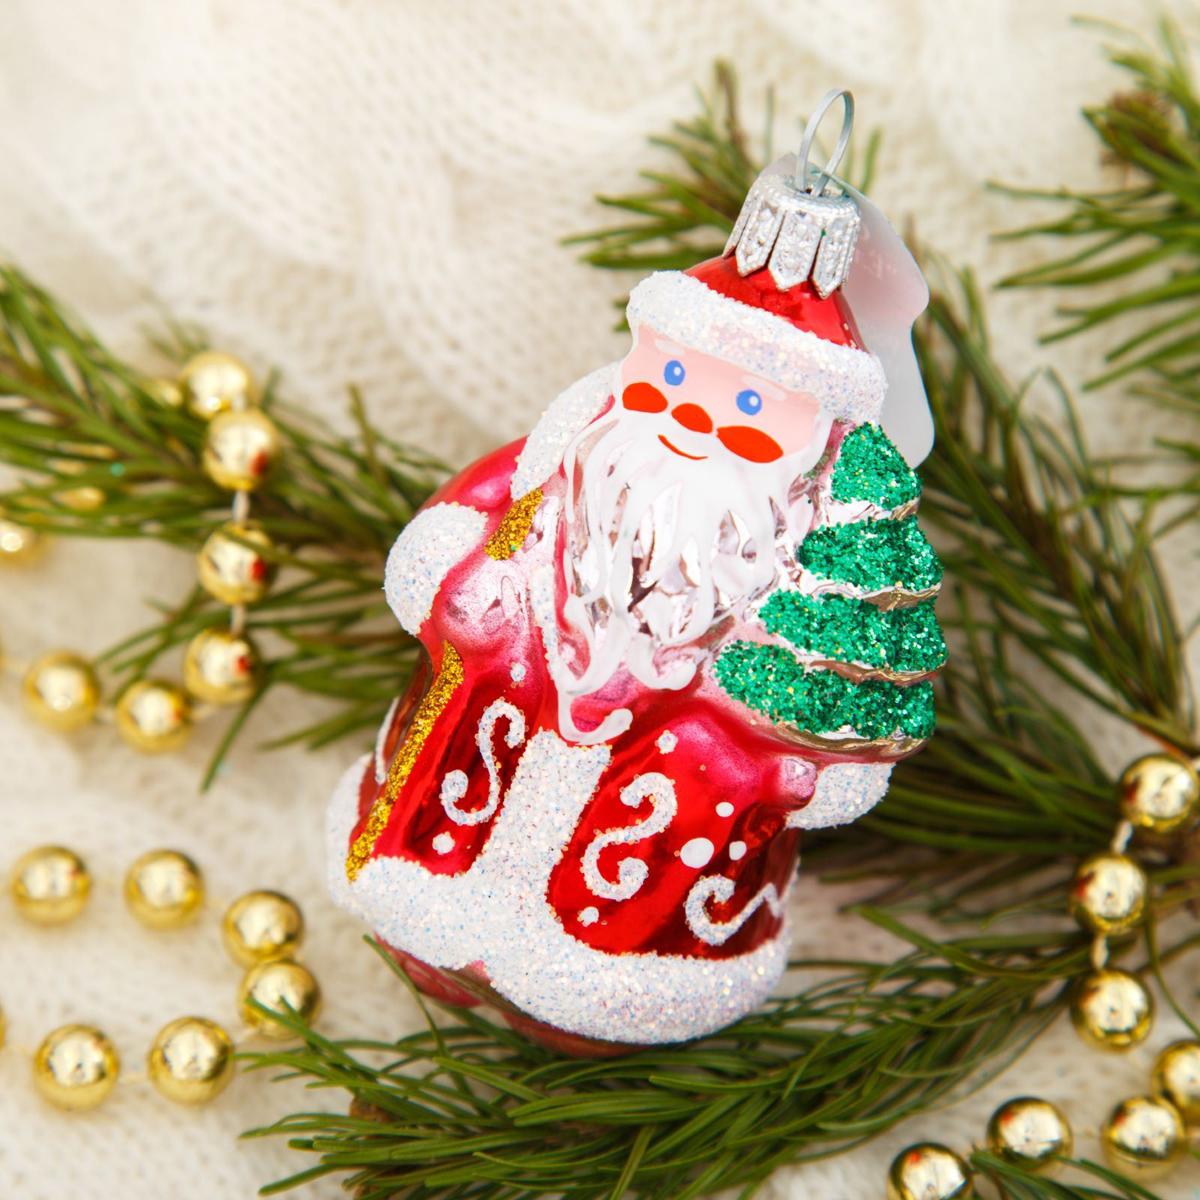 Новогоднее подвесное украшение Ёлочка Морозко-1, 6 х 6 х 10 см2564818Новогоднее подвесное украшение Ёлочка отлично подойдет для декорации вашего дома и новогодней ели. Новогоднее украшение можно повесить в любом понравившемся вам месте. Но, конечно, удачнее всего оно будет смотреться на праздничной елке.Елочная игрушка - символ Нового года. Она несет в себе волшебство и красоту праздника. Такое украшение создаст в вашем доме атмосферу праздника, веселья и радости.